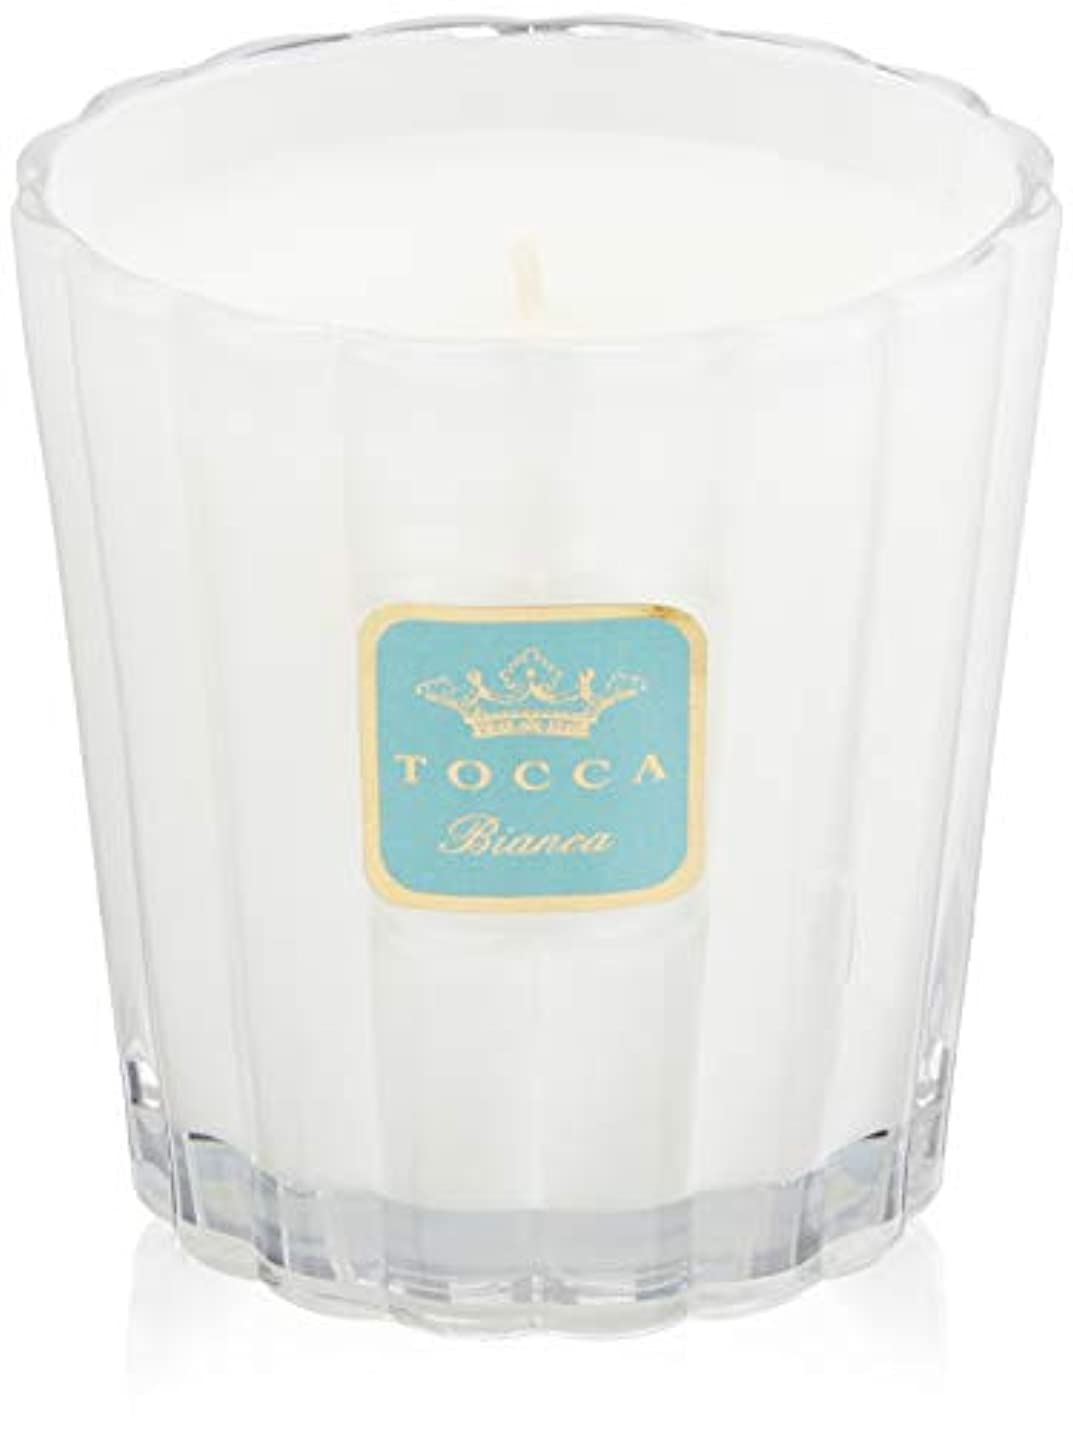 ヨーロッパ旋律的眩惑するトッカ(TOCCA) キャンドル ビアンカの香り 約287g (ろうそく ほのかに甘さ漂うフレッシュな香り)